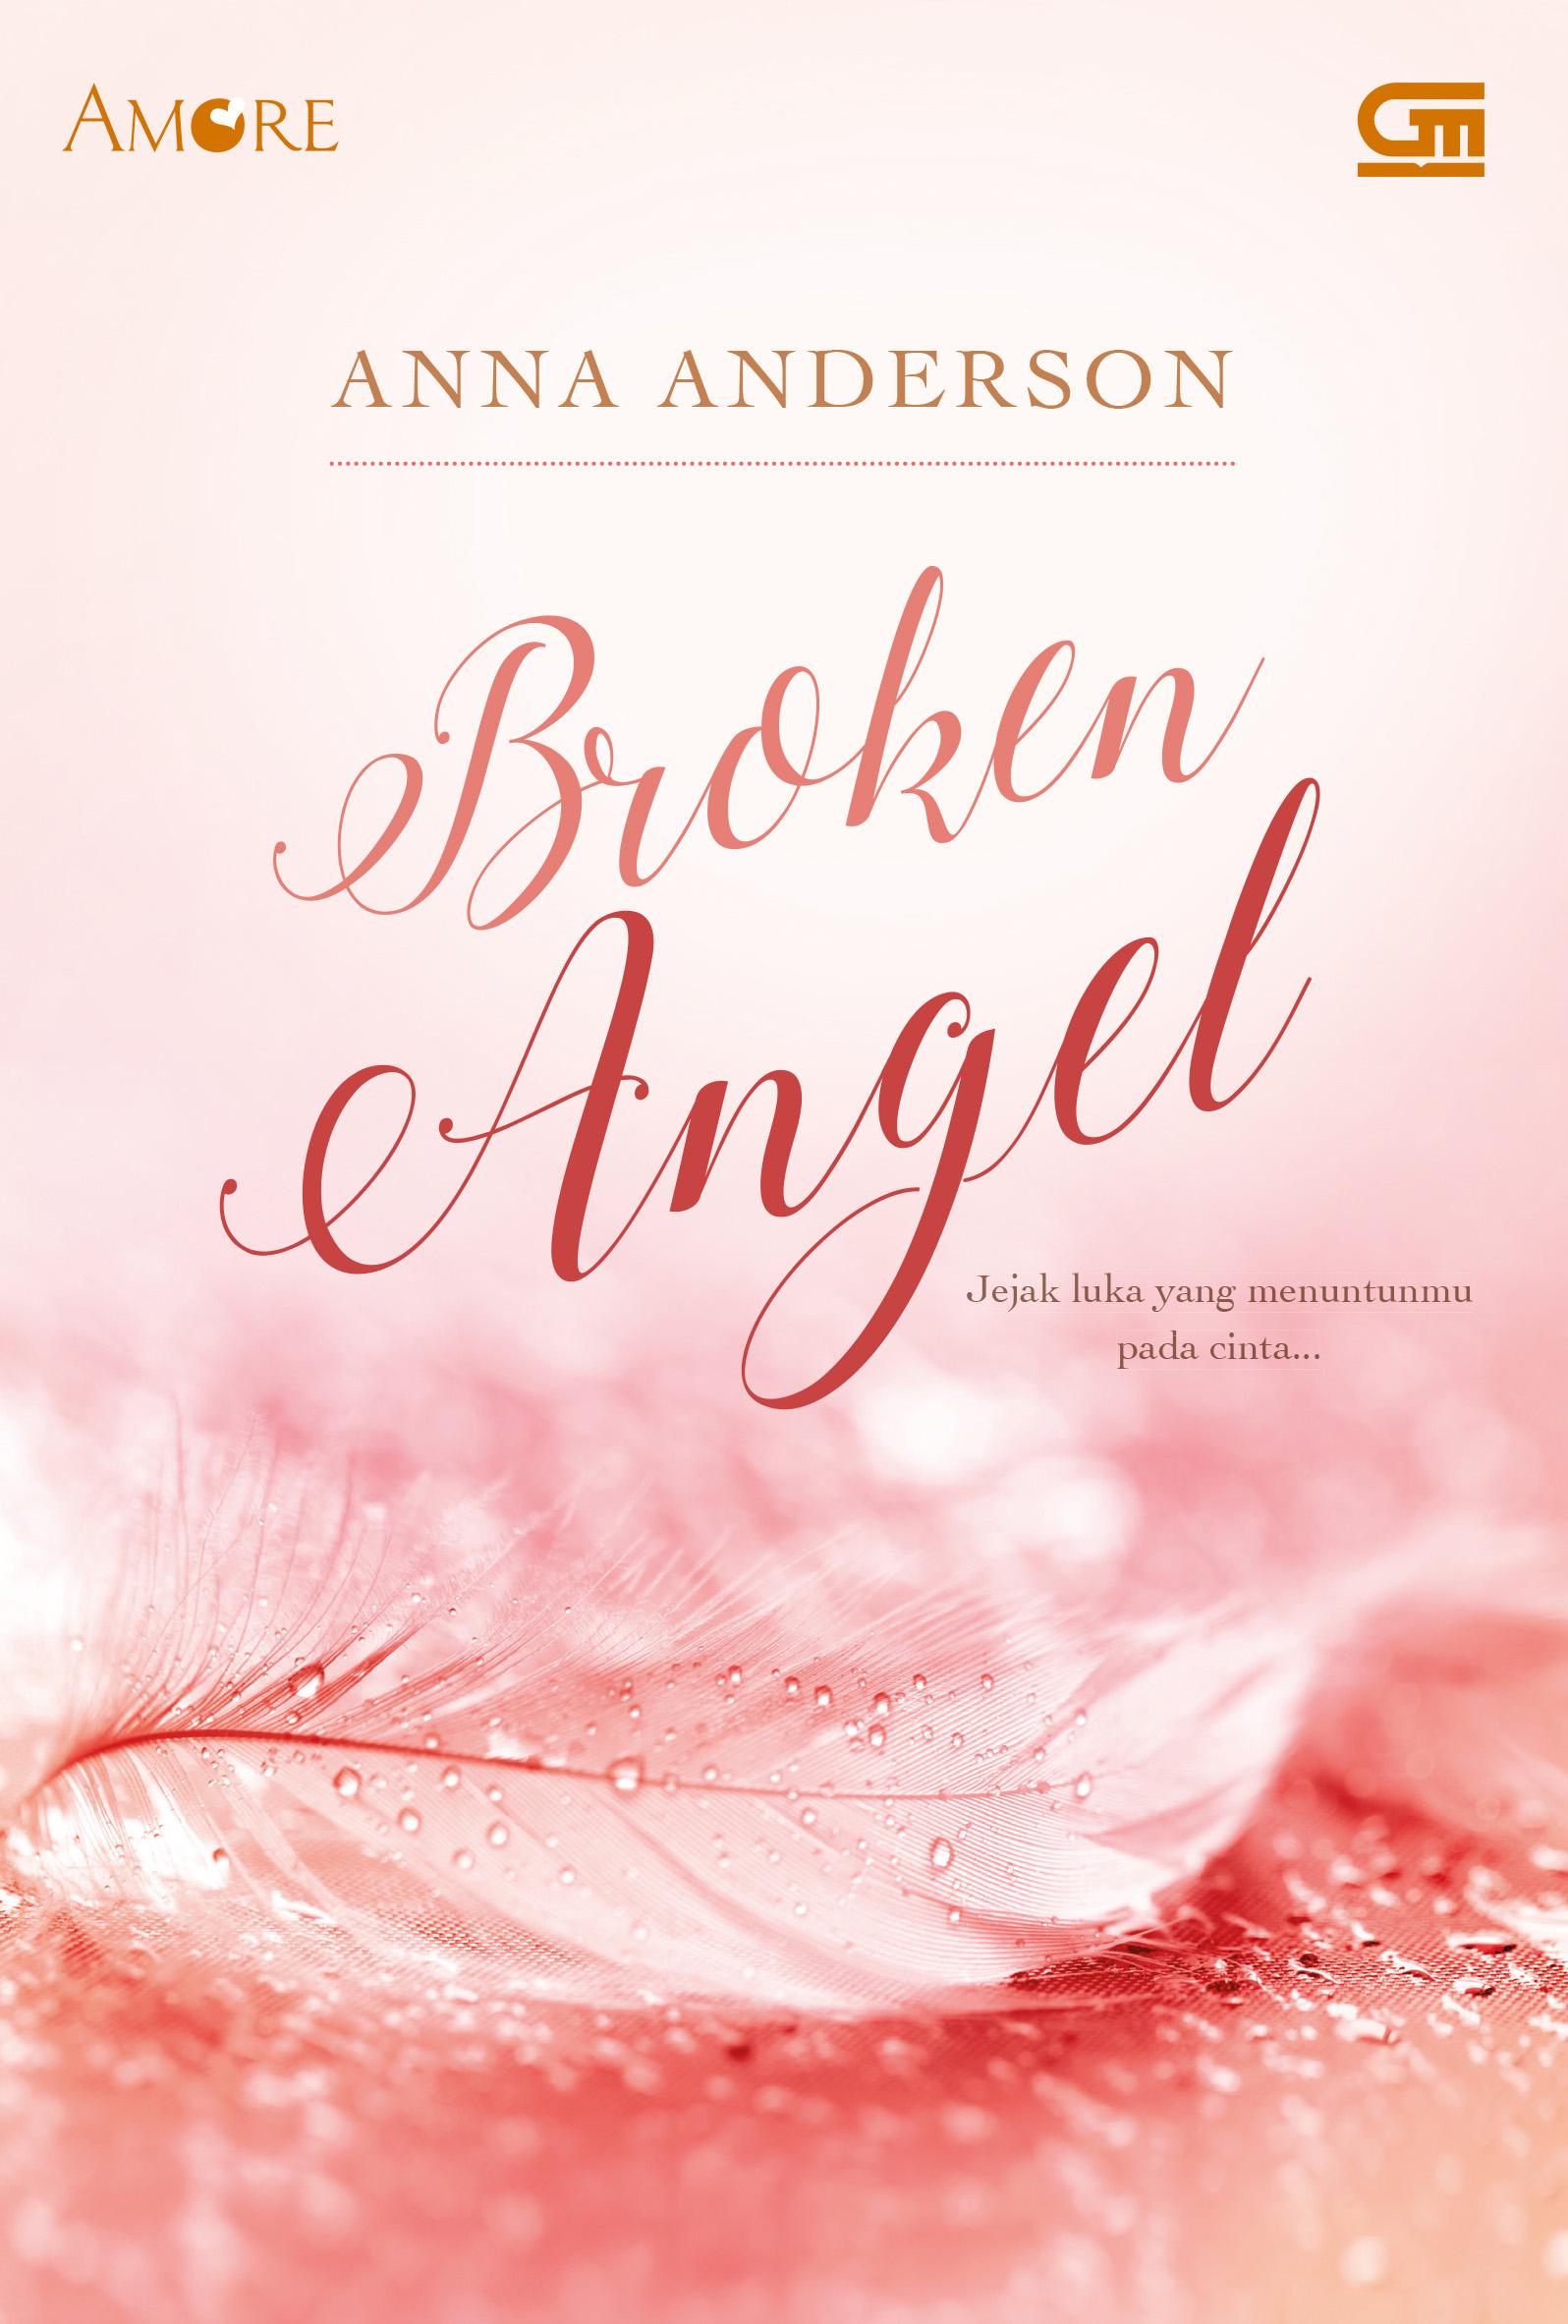 Amore: Broken Angel